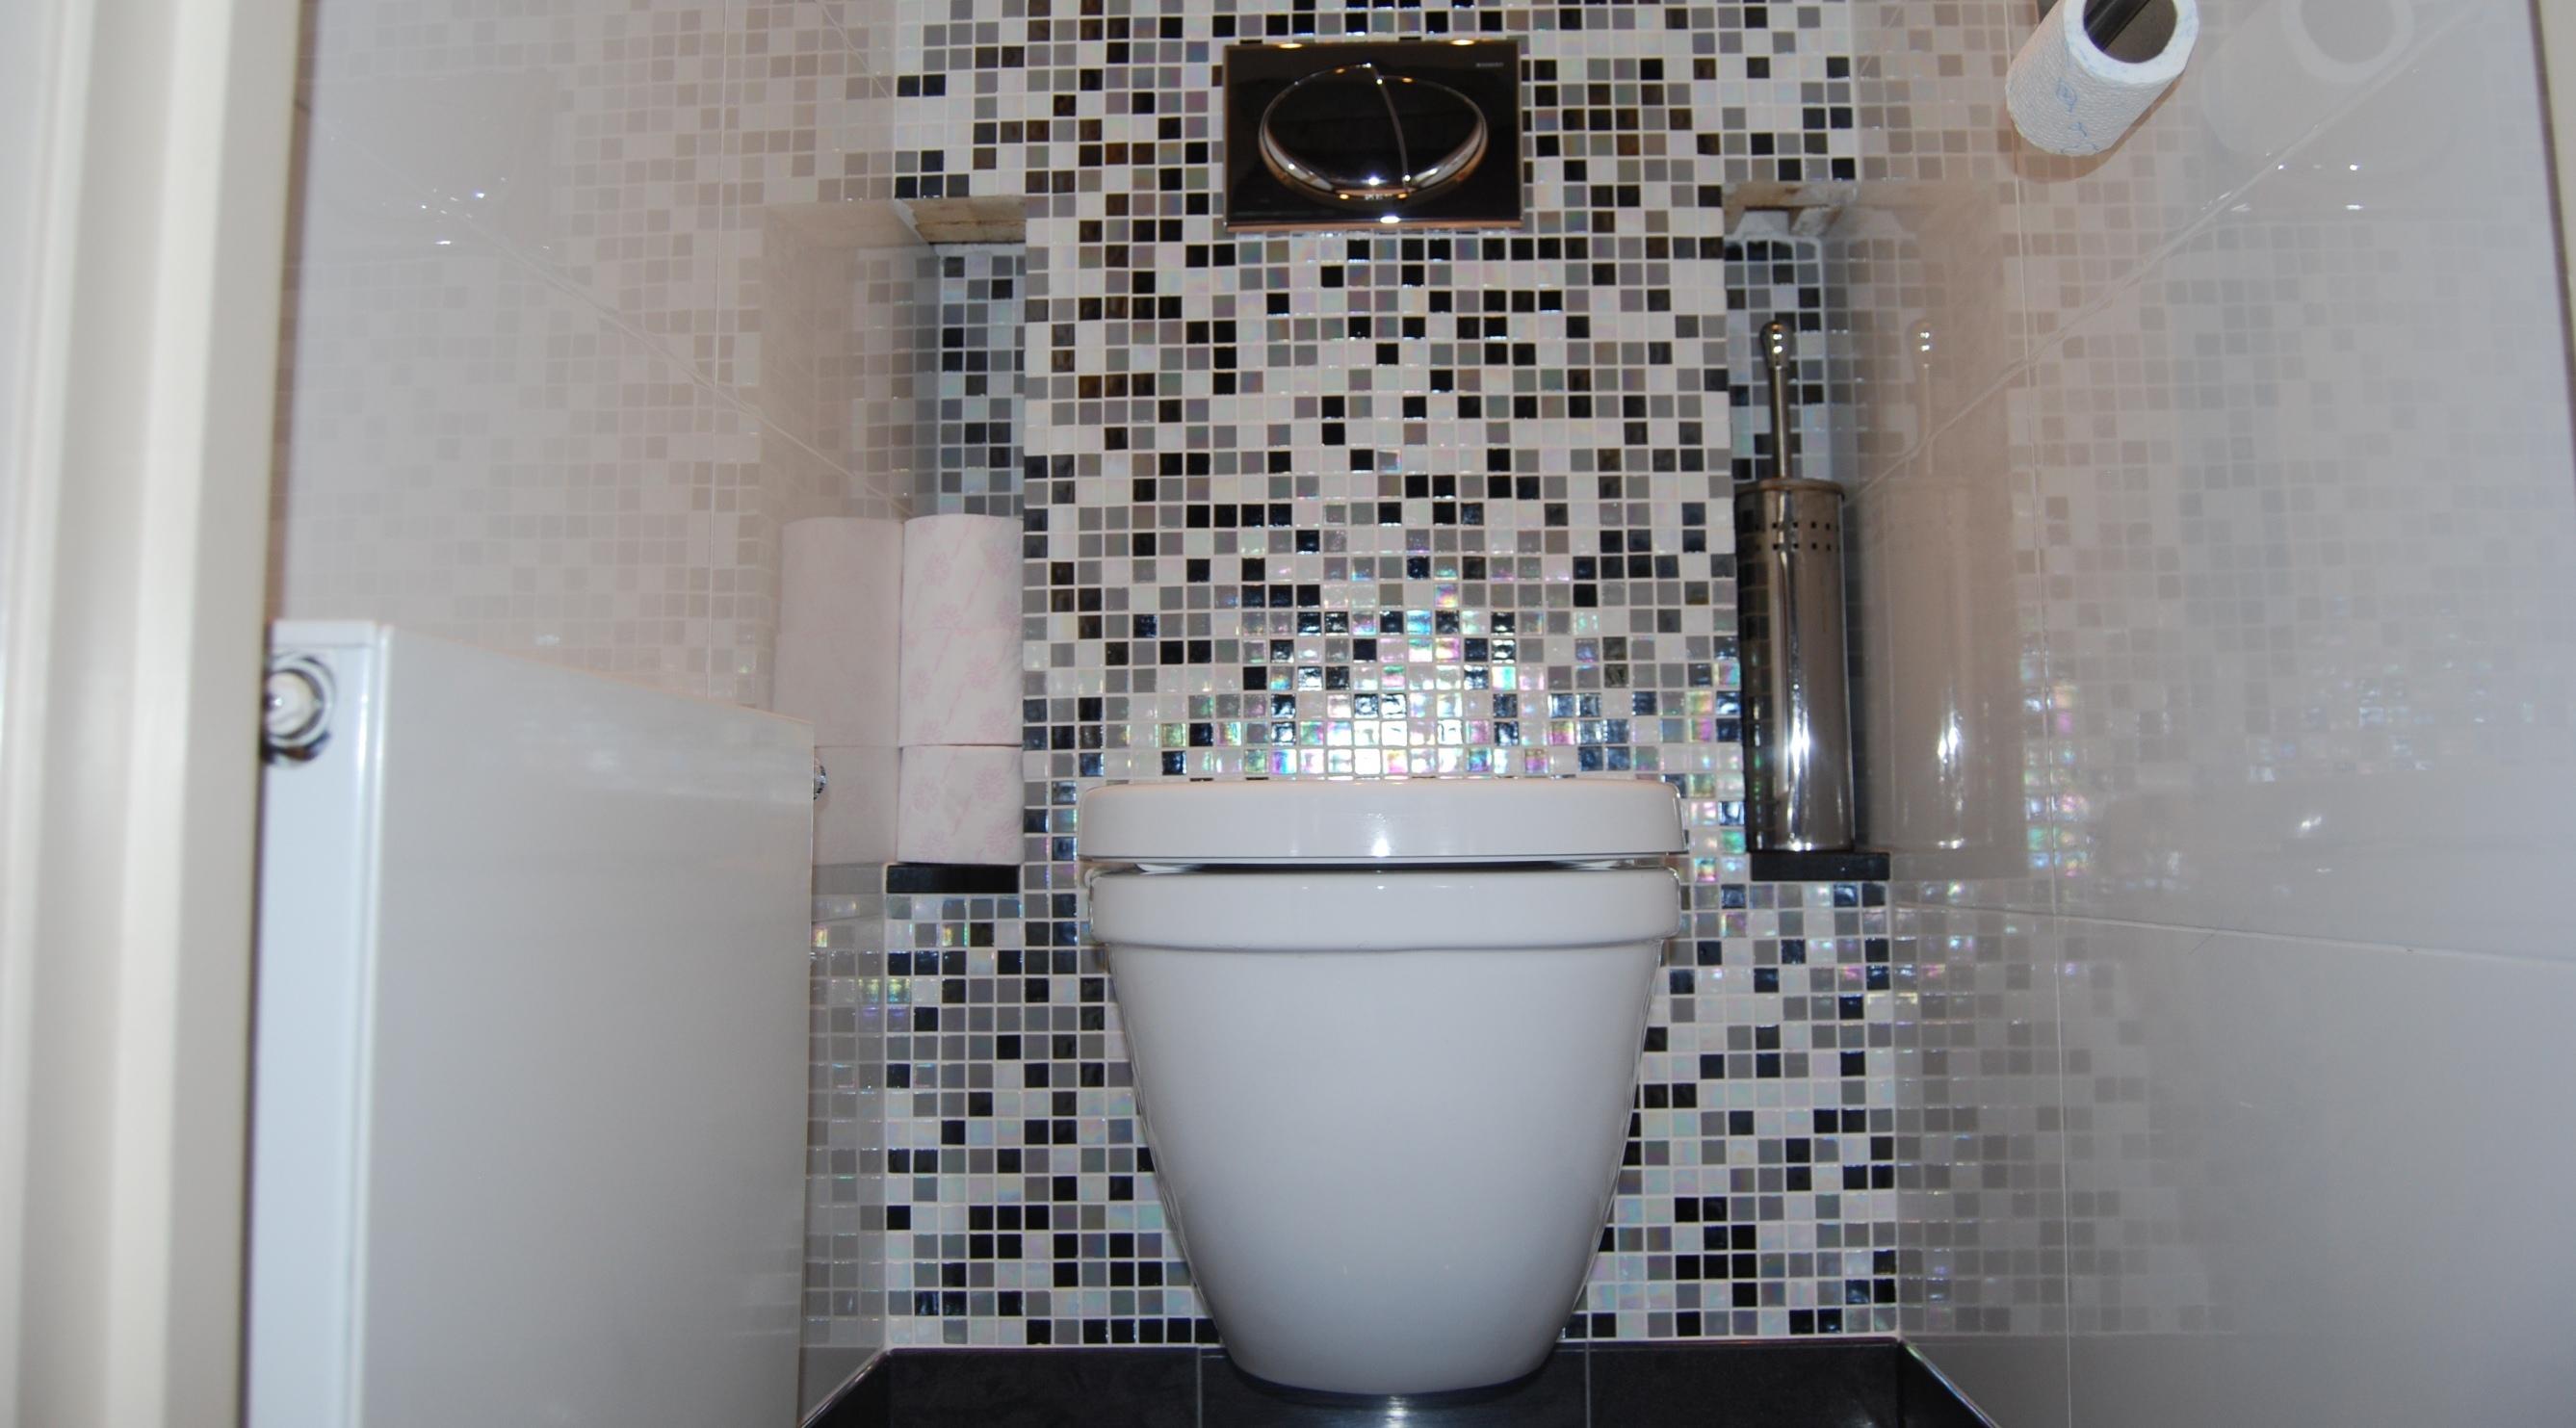 Badkamer toilet keuken verbouwen metsel en tegelbedr m lankreijer - Wc mozaiek ...